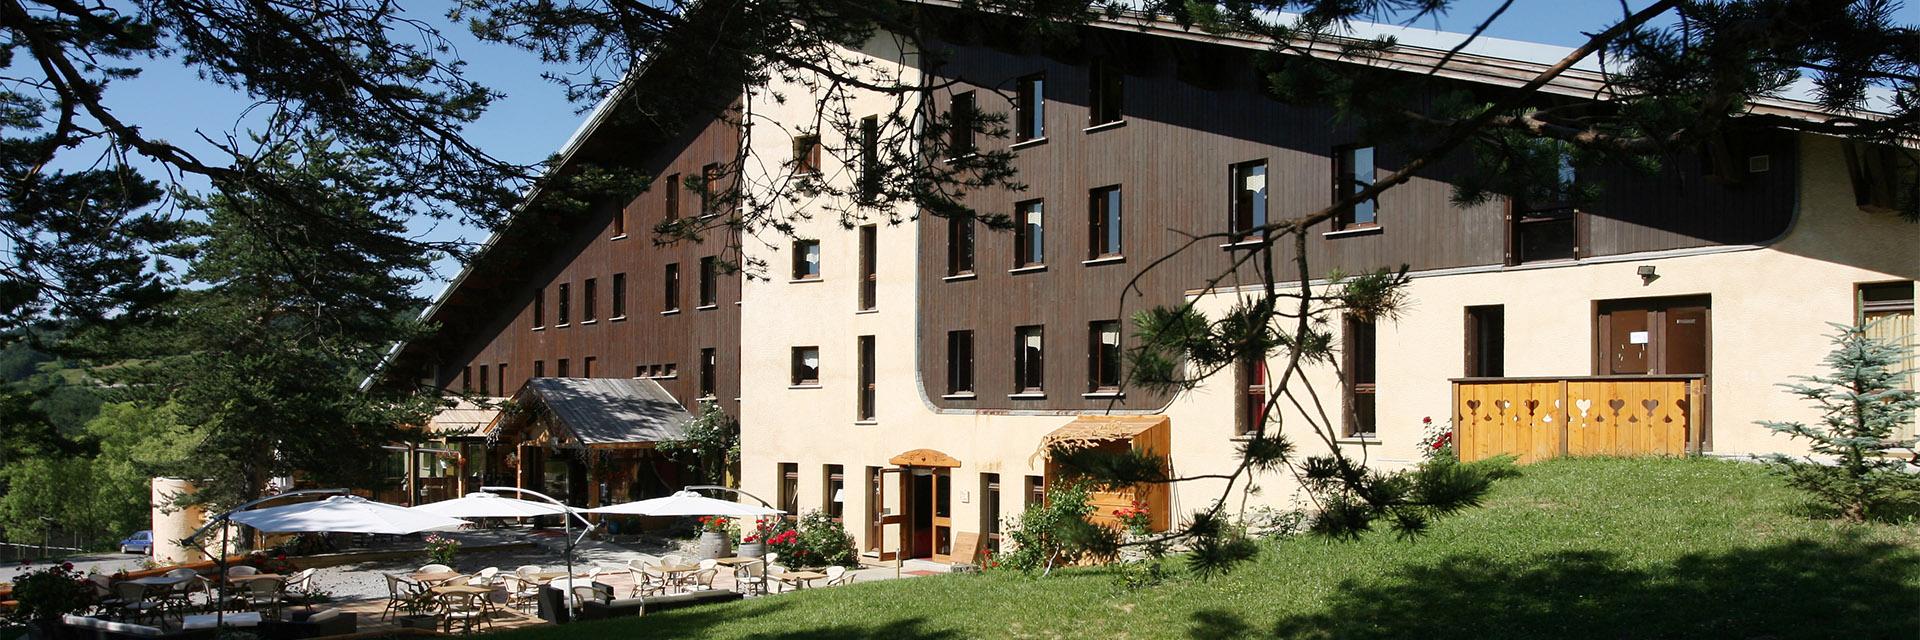 Village_club_vacances_alpes-de-haute-provence_domaine-de-l-Adoux_eterieur